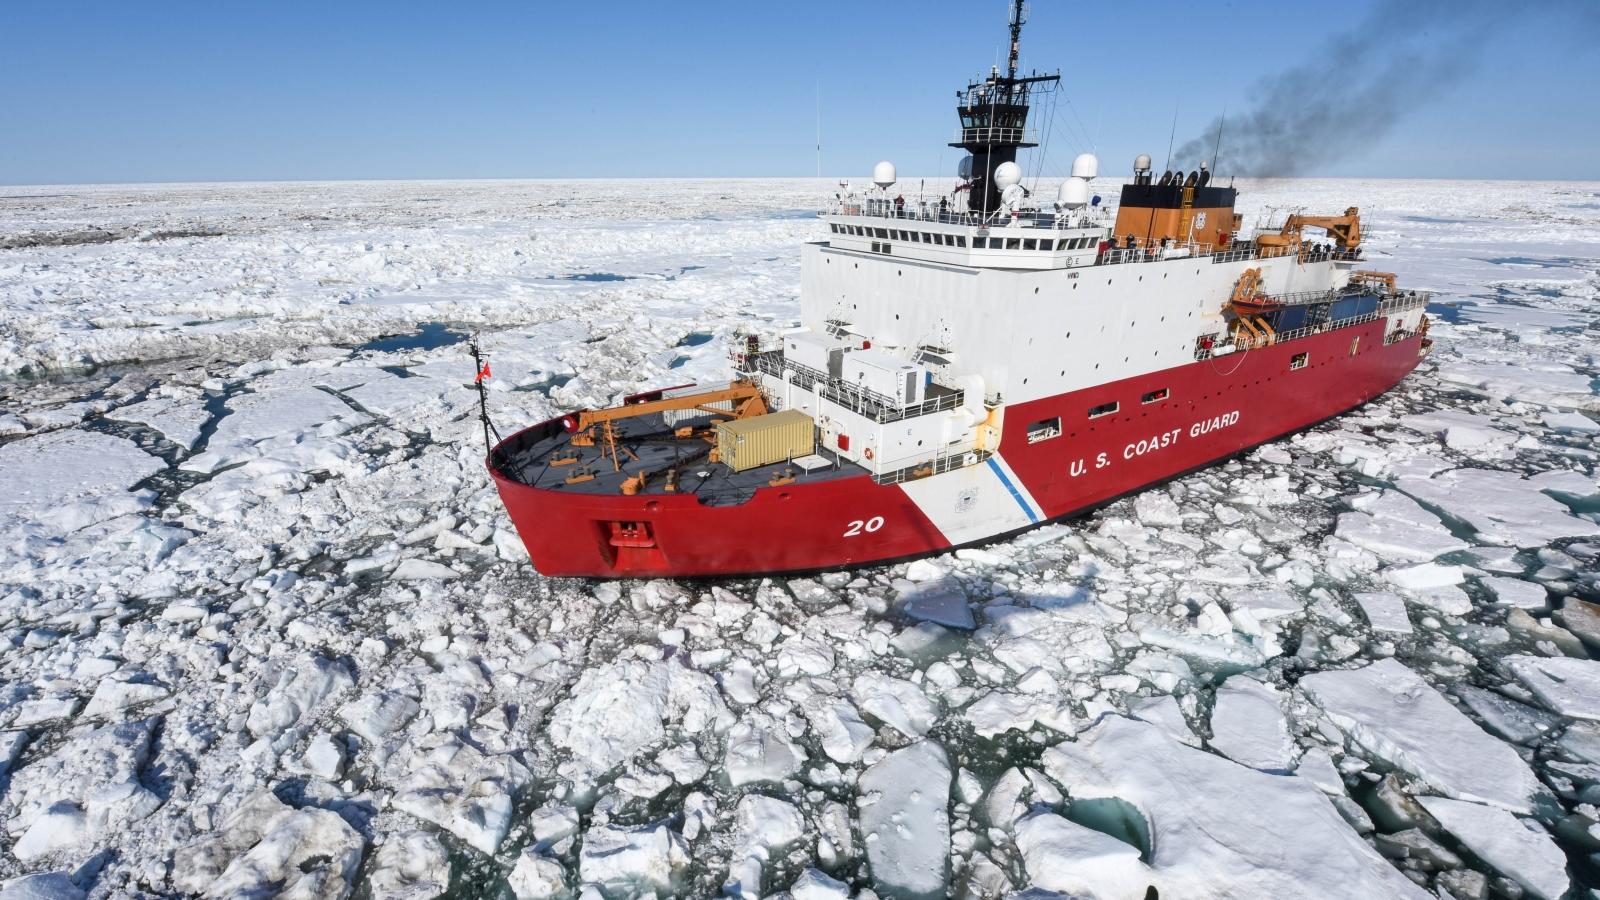 Bắc Cực trở thành khu vực chủ chốt trong chiến lược Mỹ kiềm chế Trung Quốc